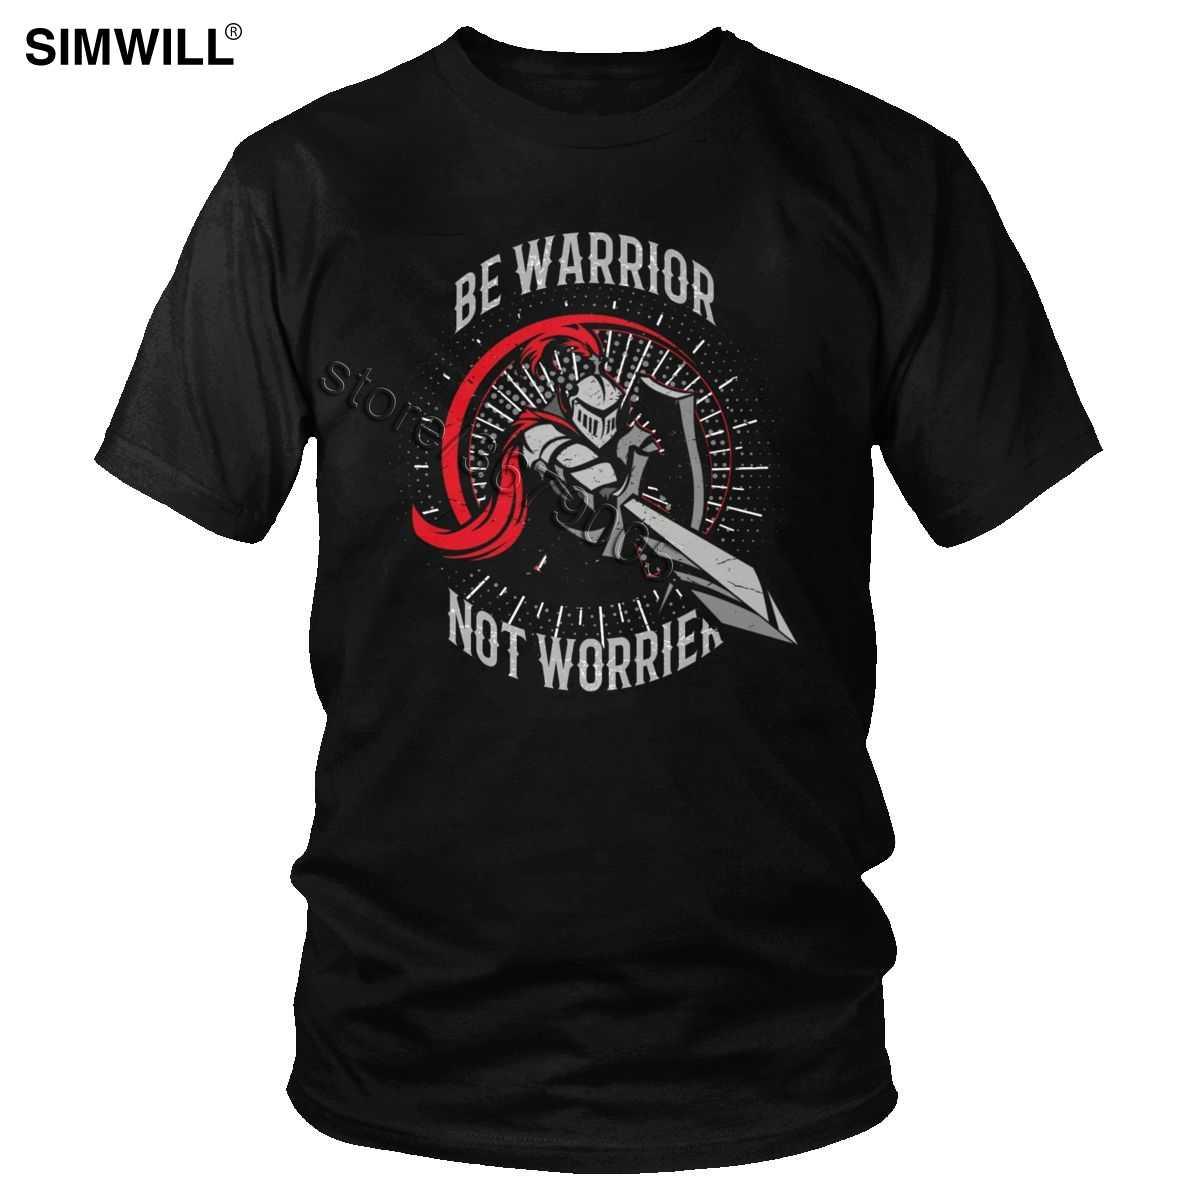 Mężczyzna spartański wojownik koszula Roman rycerz bawełna Gladiator T-shirt rzym Sparta Arena koszulki Sparta graficzne druku T koszula telewizor z dostępem do kanałów odzież